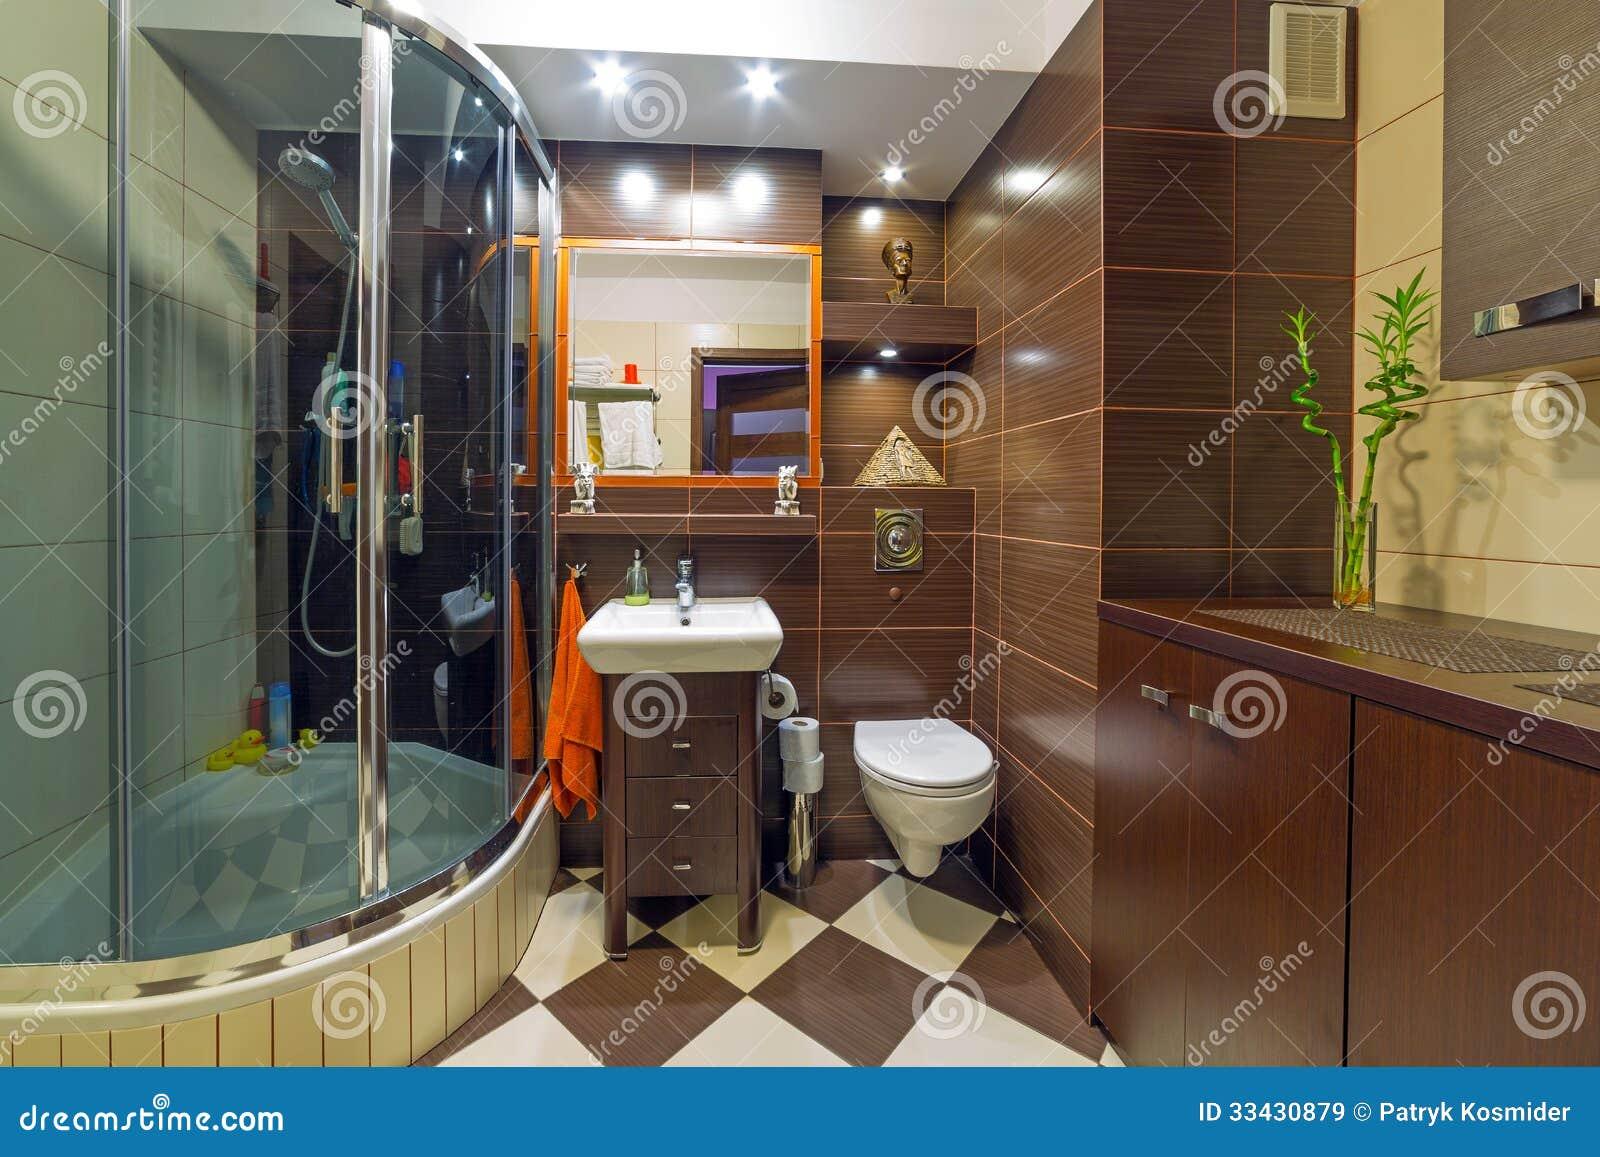 Bagno Marrone E Beige Moderno Immagine Stock - Immagine di ...